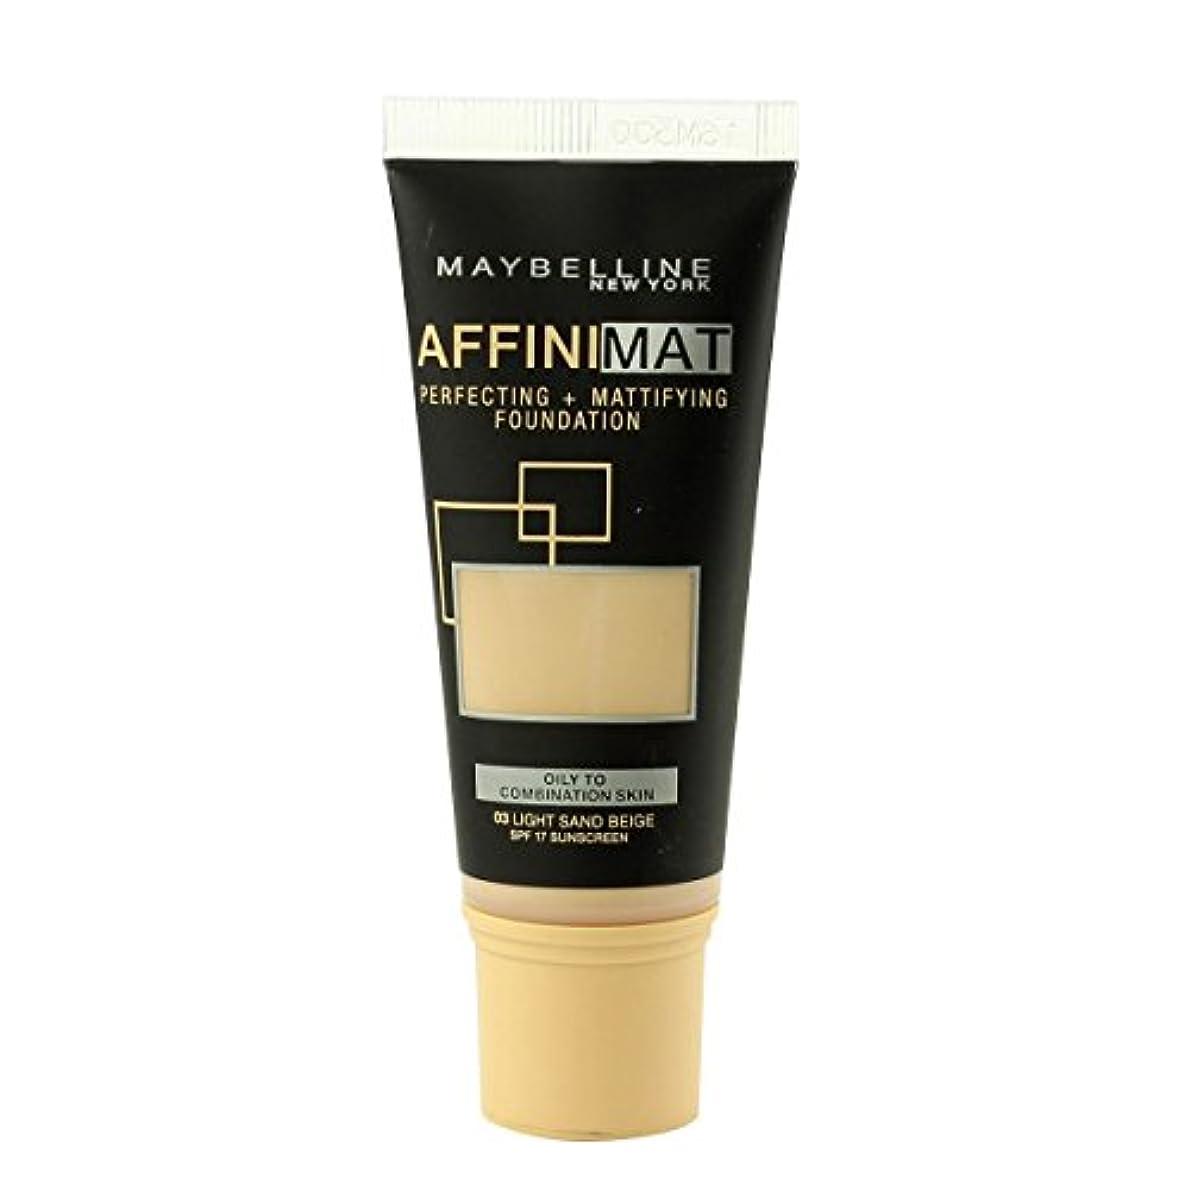 競うピザどこかMaybelline Affinimat Perf.+Mattif. Foundation SPF17 (03 Light Sand Beige) 30ml